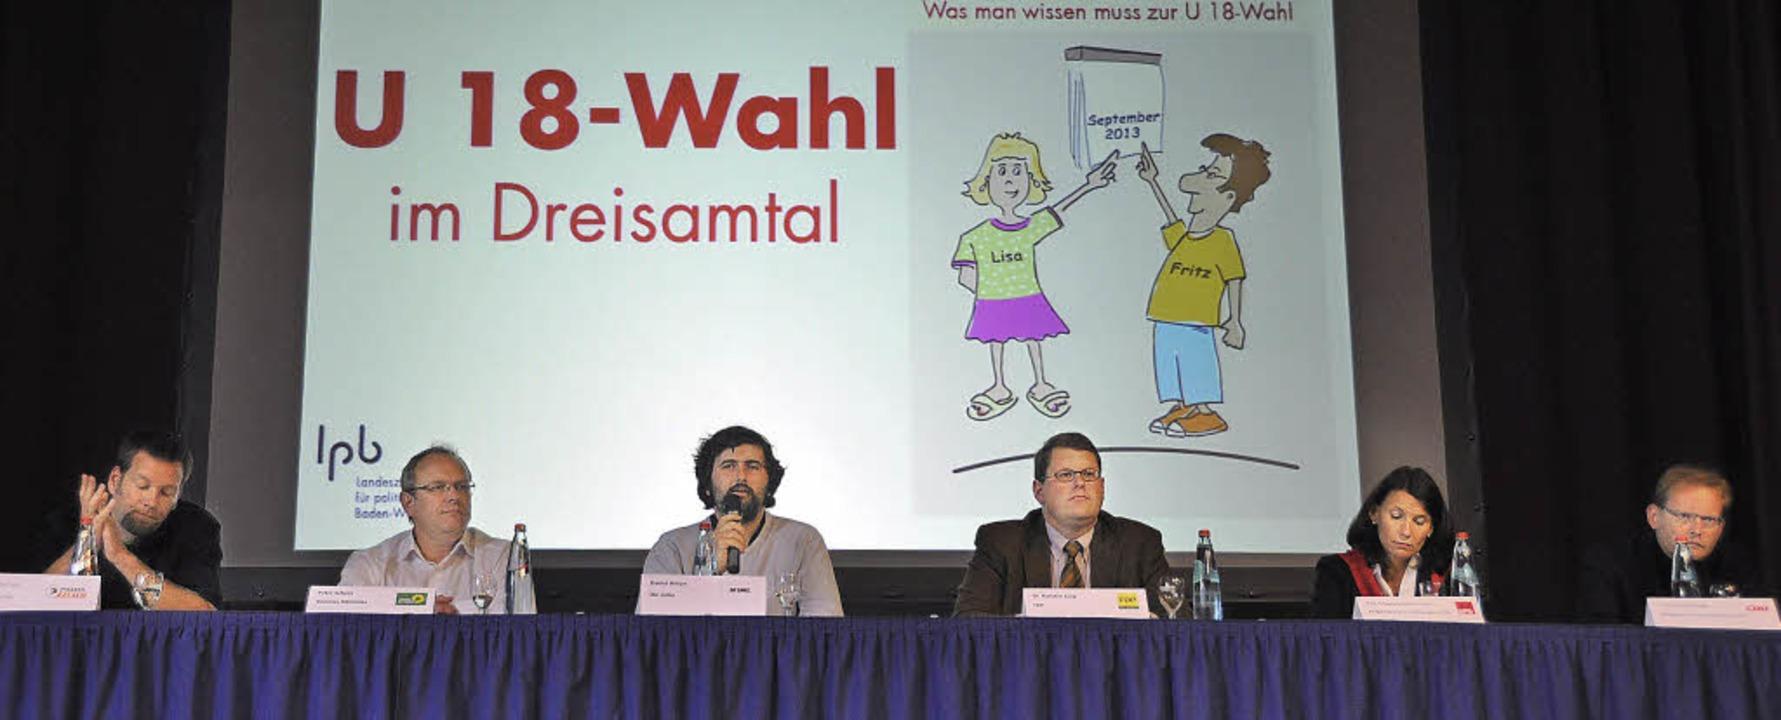 Informationsveranstaltung zur U18 Wahl... der Podiumsdiskussion in Kirchzarten.  | Foto: Jacqueline Grundig